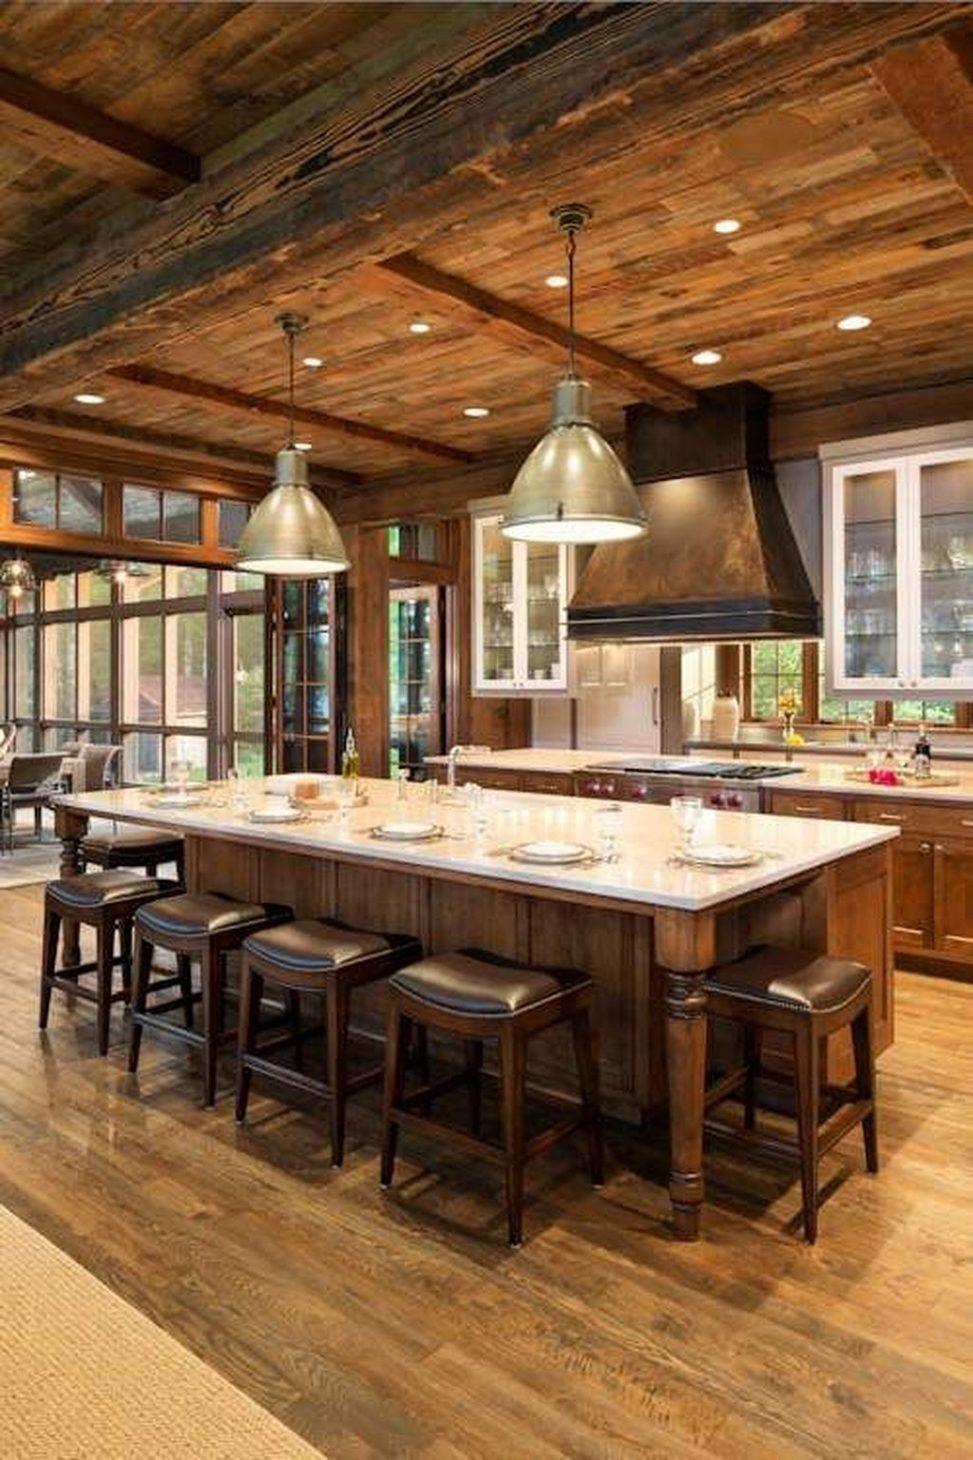 Amazing Rustic Lake House Decorating Ideas 20 Rustic Kitchen Design Rustic Kitchen Kitchen Island Design